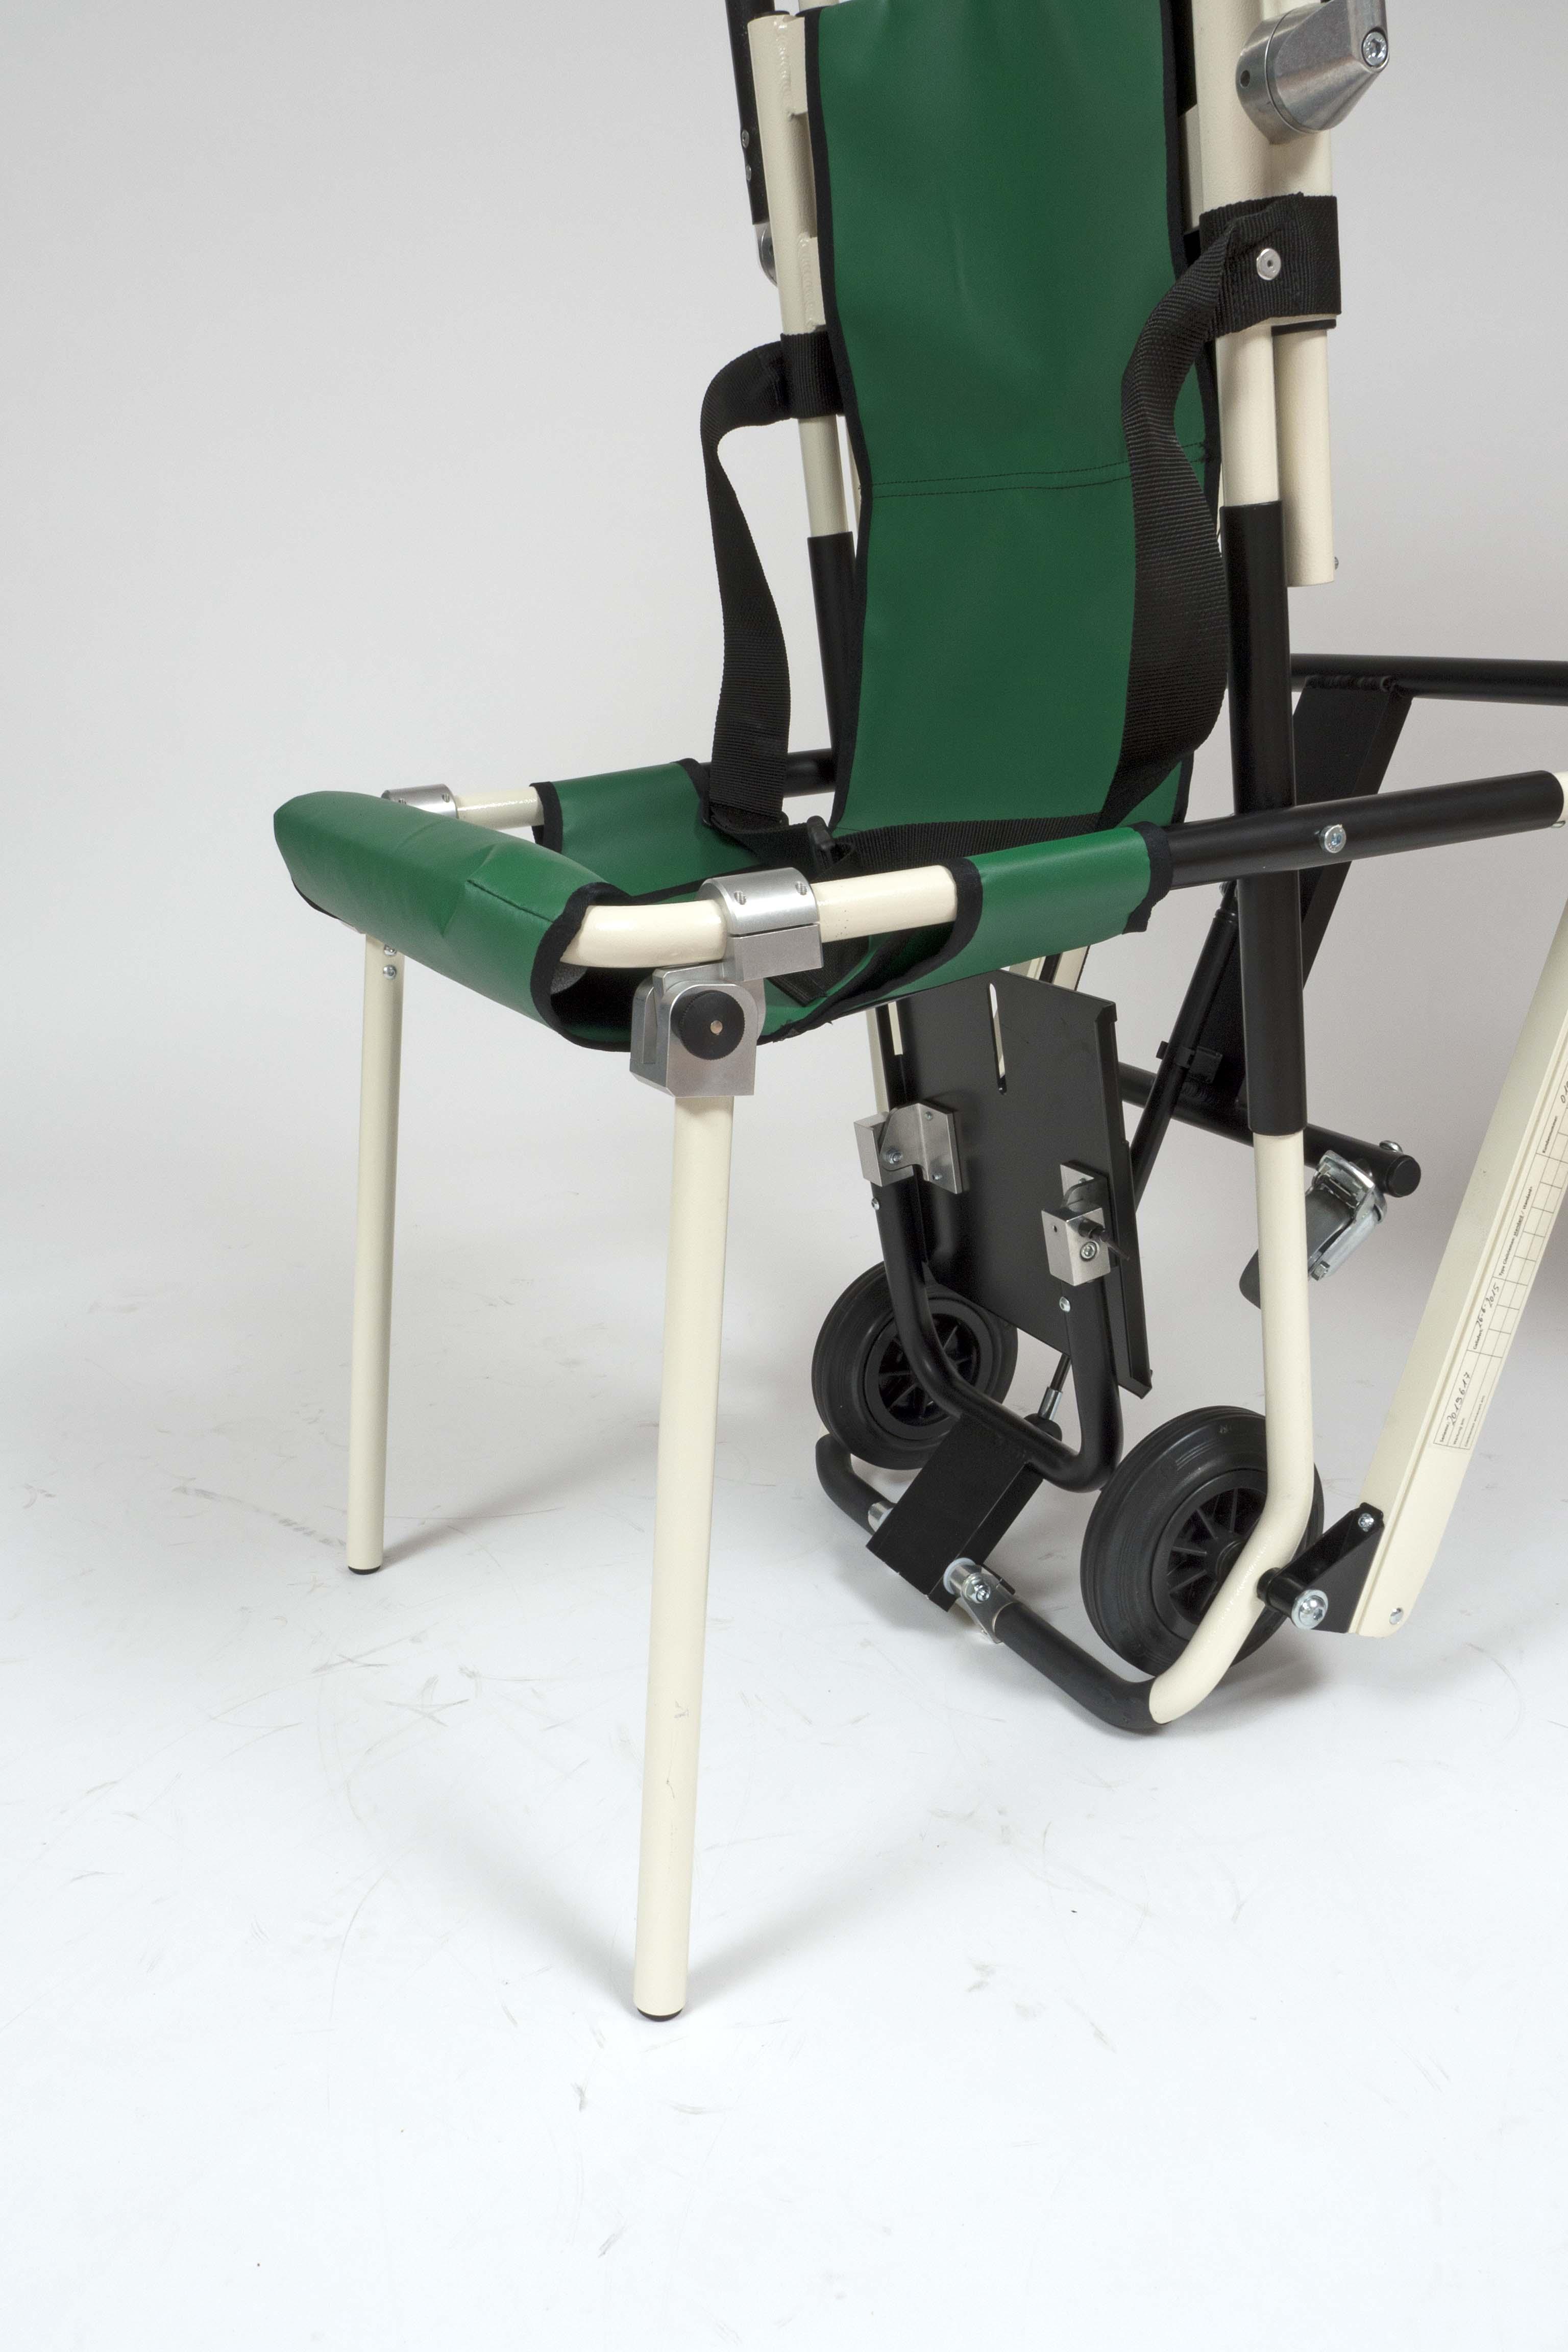 Einstiegsstützen escape-chair